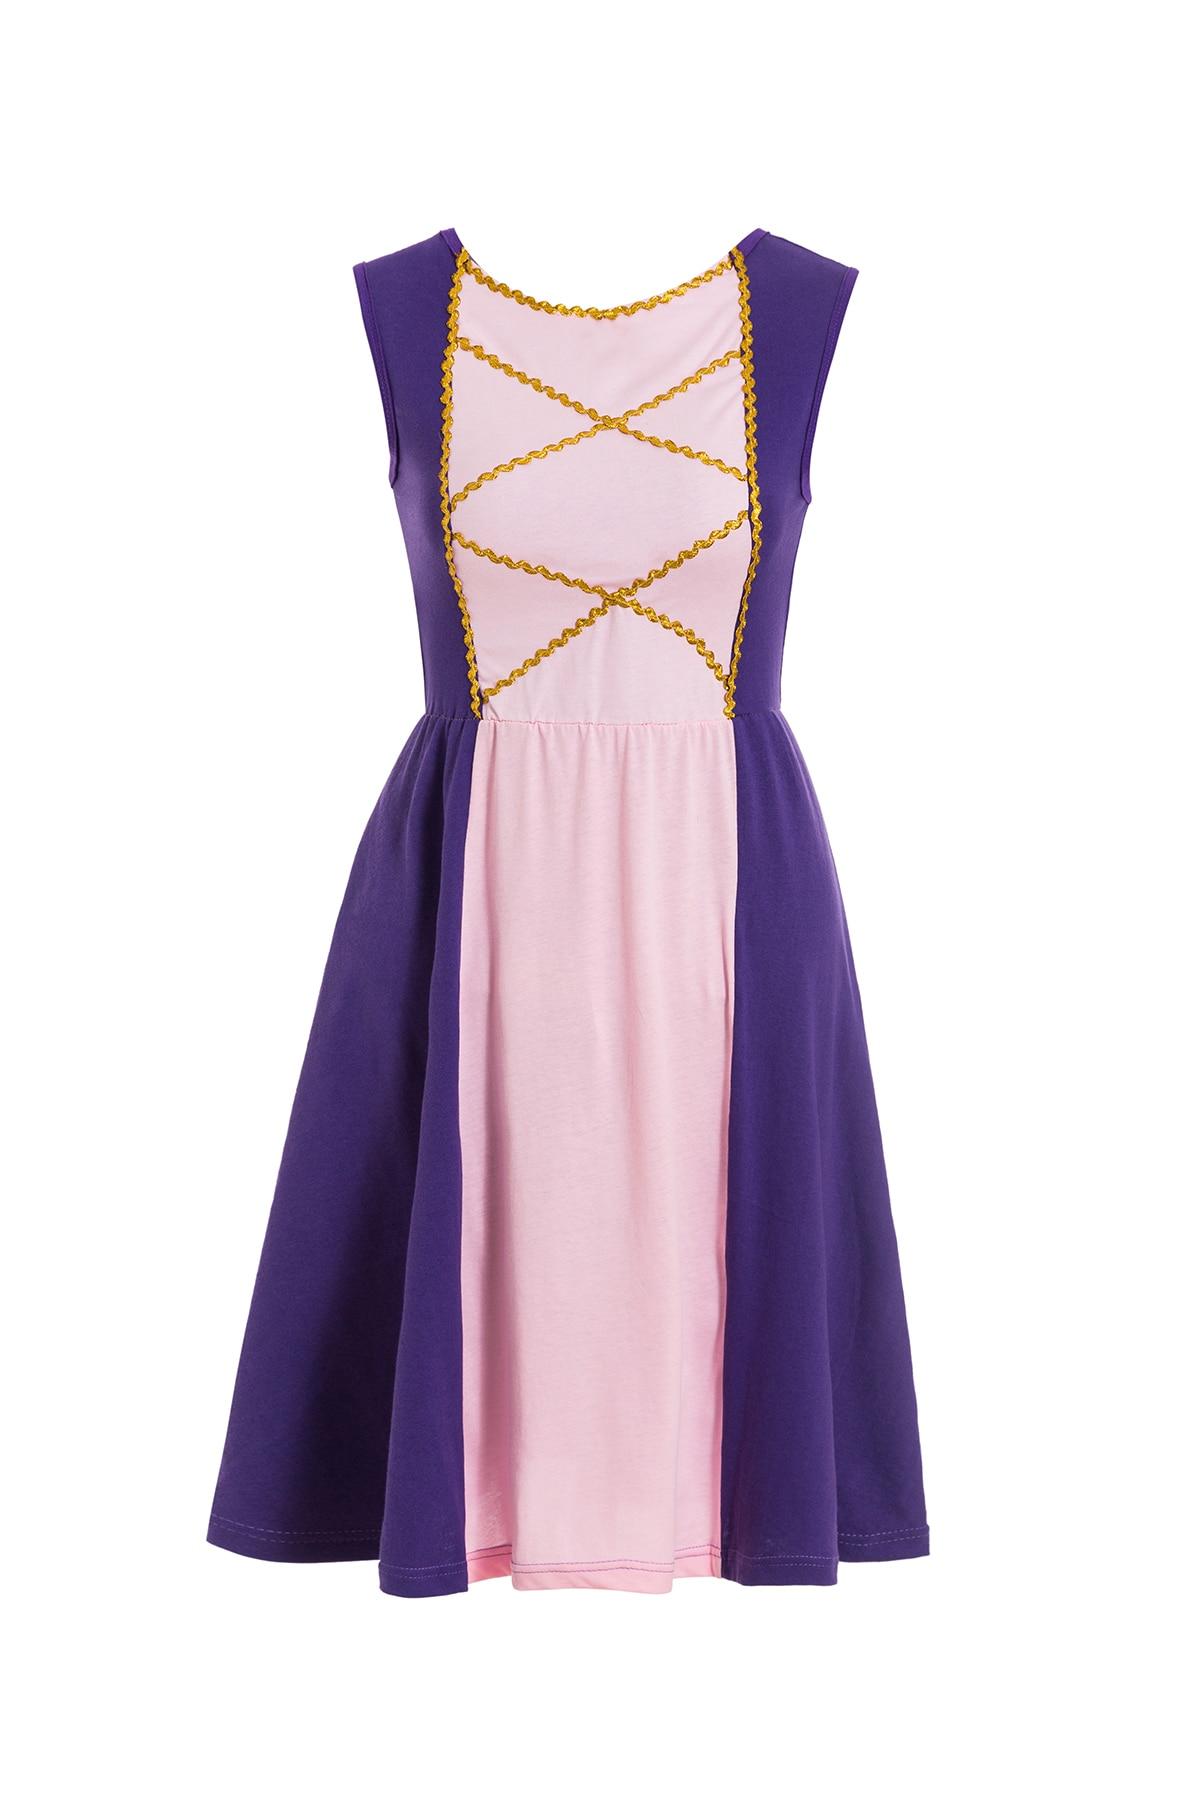 Платье принцессы для взрослых; одинаковый семейный маскарадный костюм «Минни Маус и я»; женское платье принцессы в горошек; большие размеры - Цвет: Rapunzel